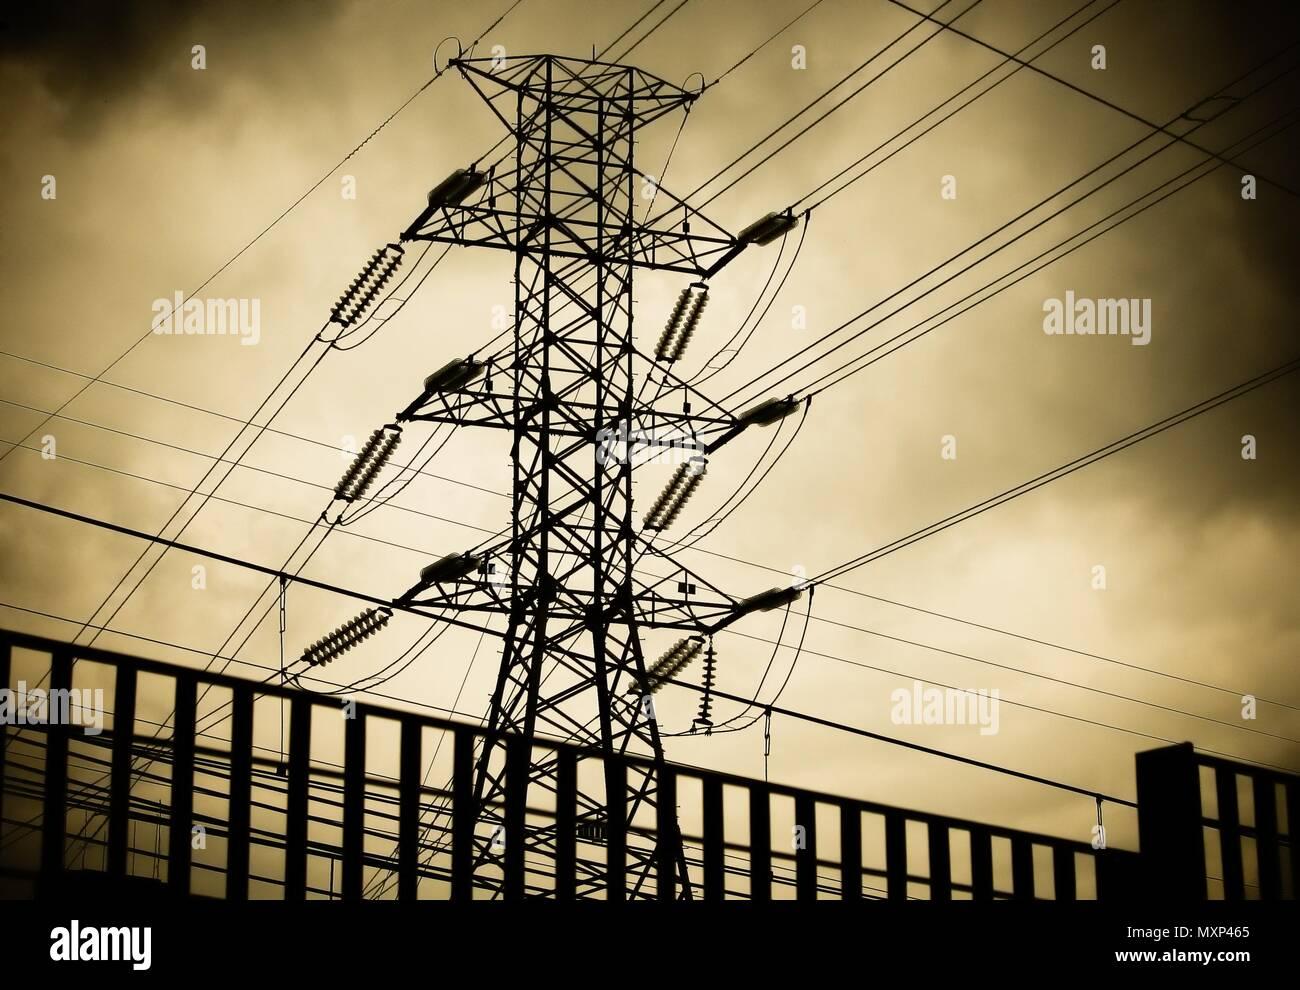 Hohe Spannung Der Tower Oder Die Auf Dem Pylon Und Stromleitungen